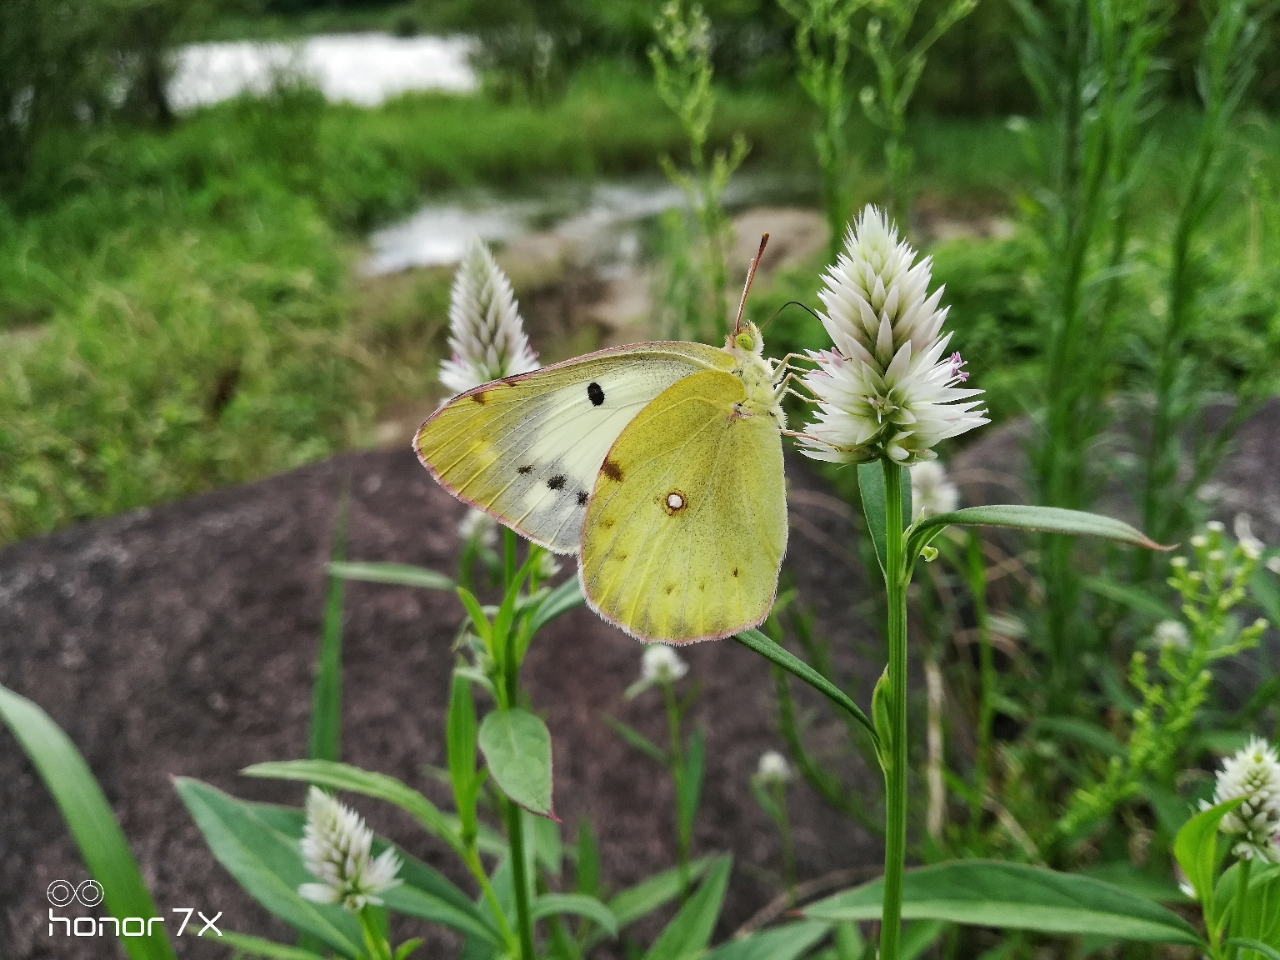 夏之情 蜻蜓 蝴蝶与小蜜蜂 摄影摄像 市民网 Discuz